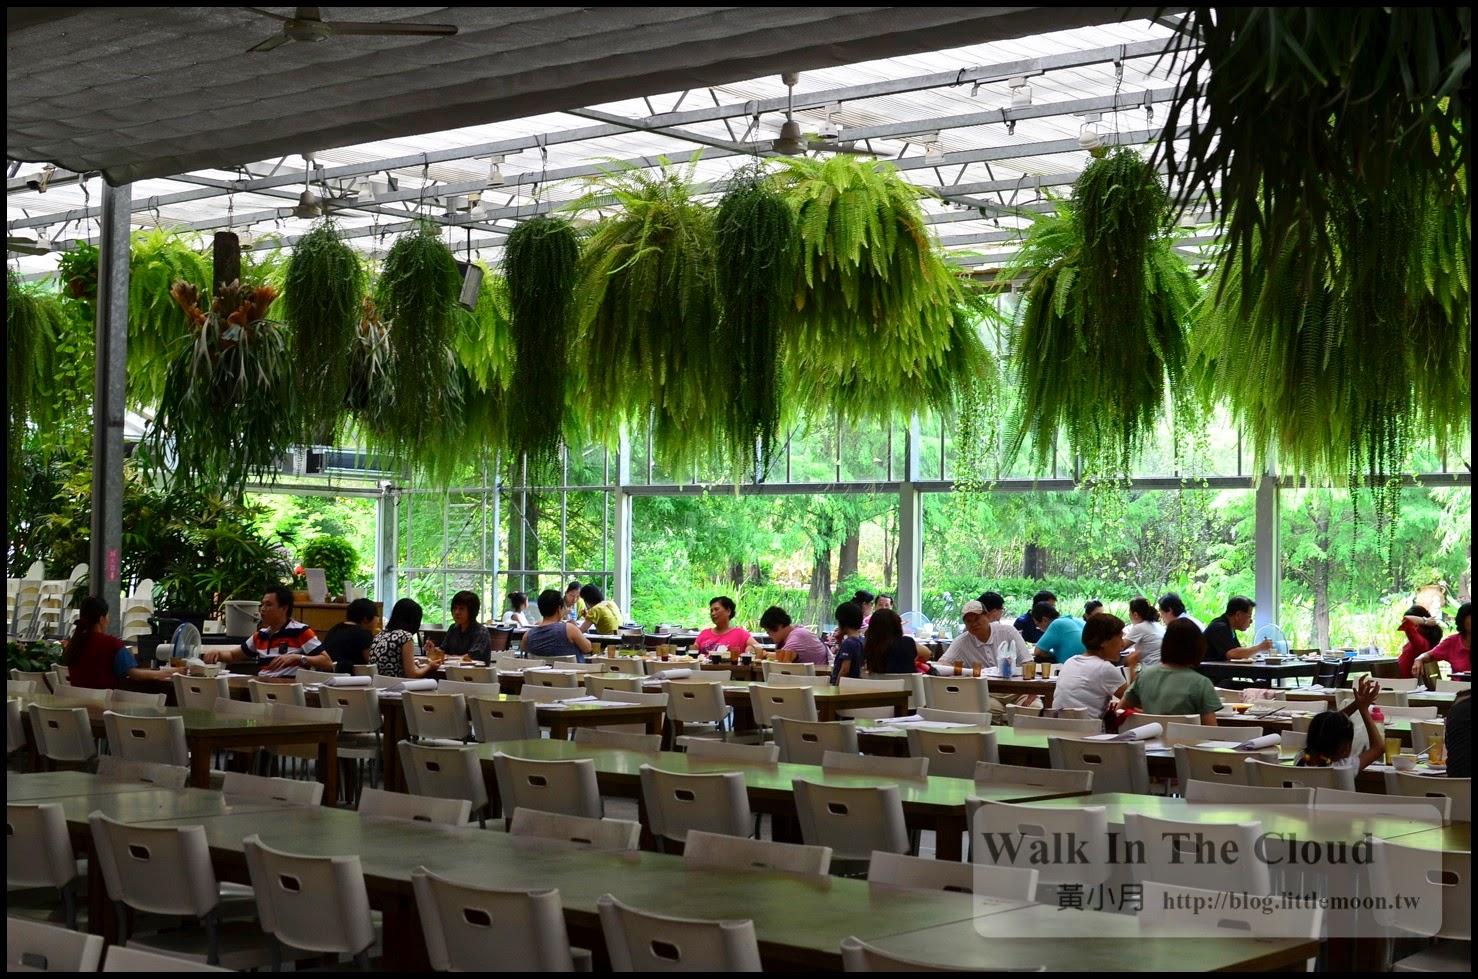 菁芳園室外用餐區